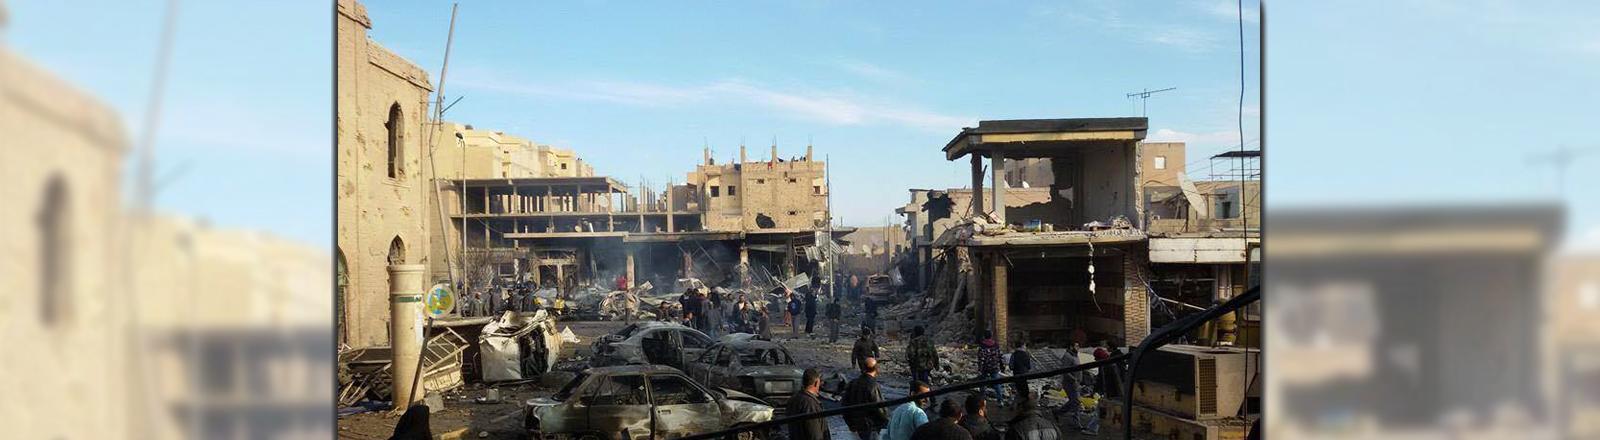 Eine komplett zerstörte Straße in Rakka, zwischen den Trümmern und verkohlten Autos laufen Menschen.